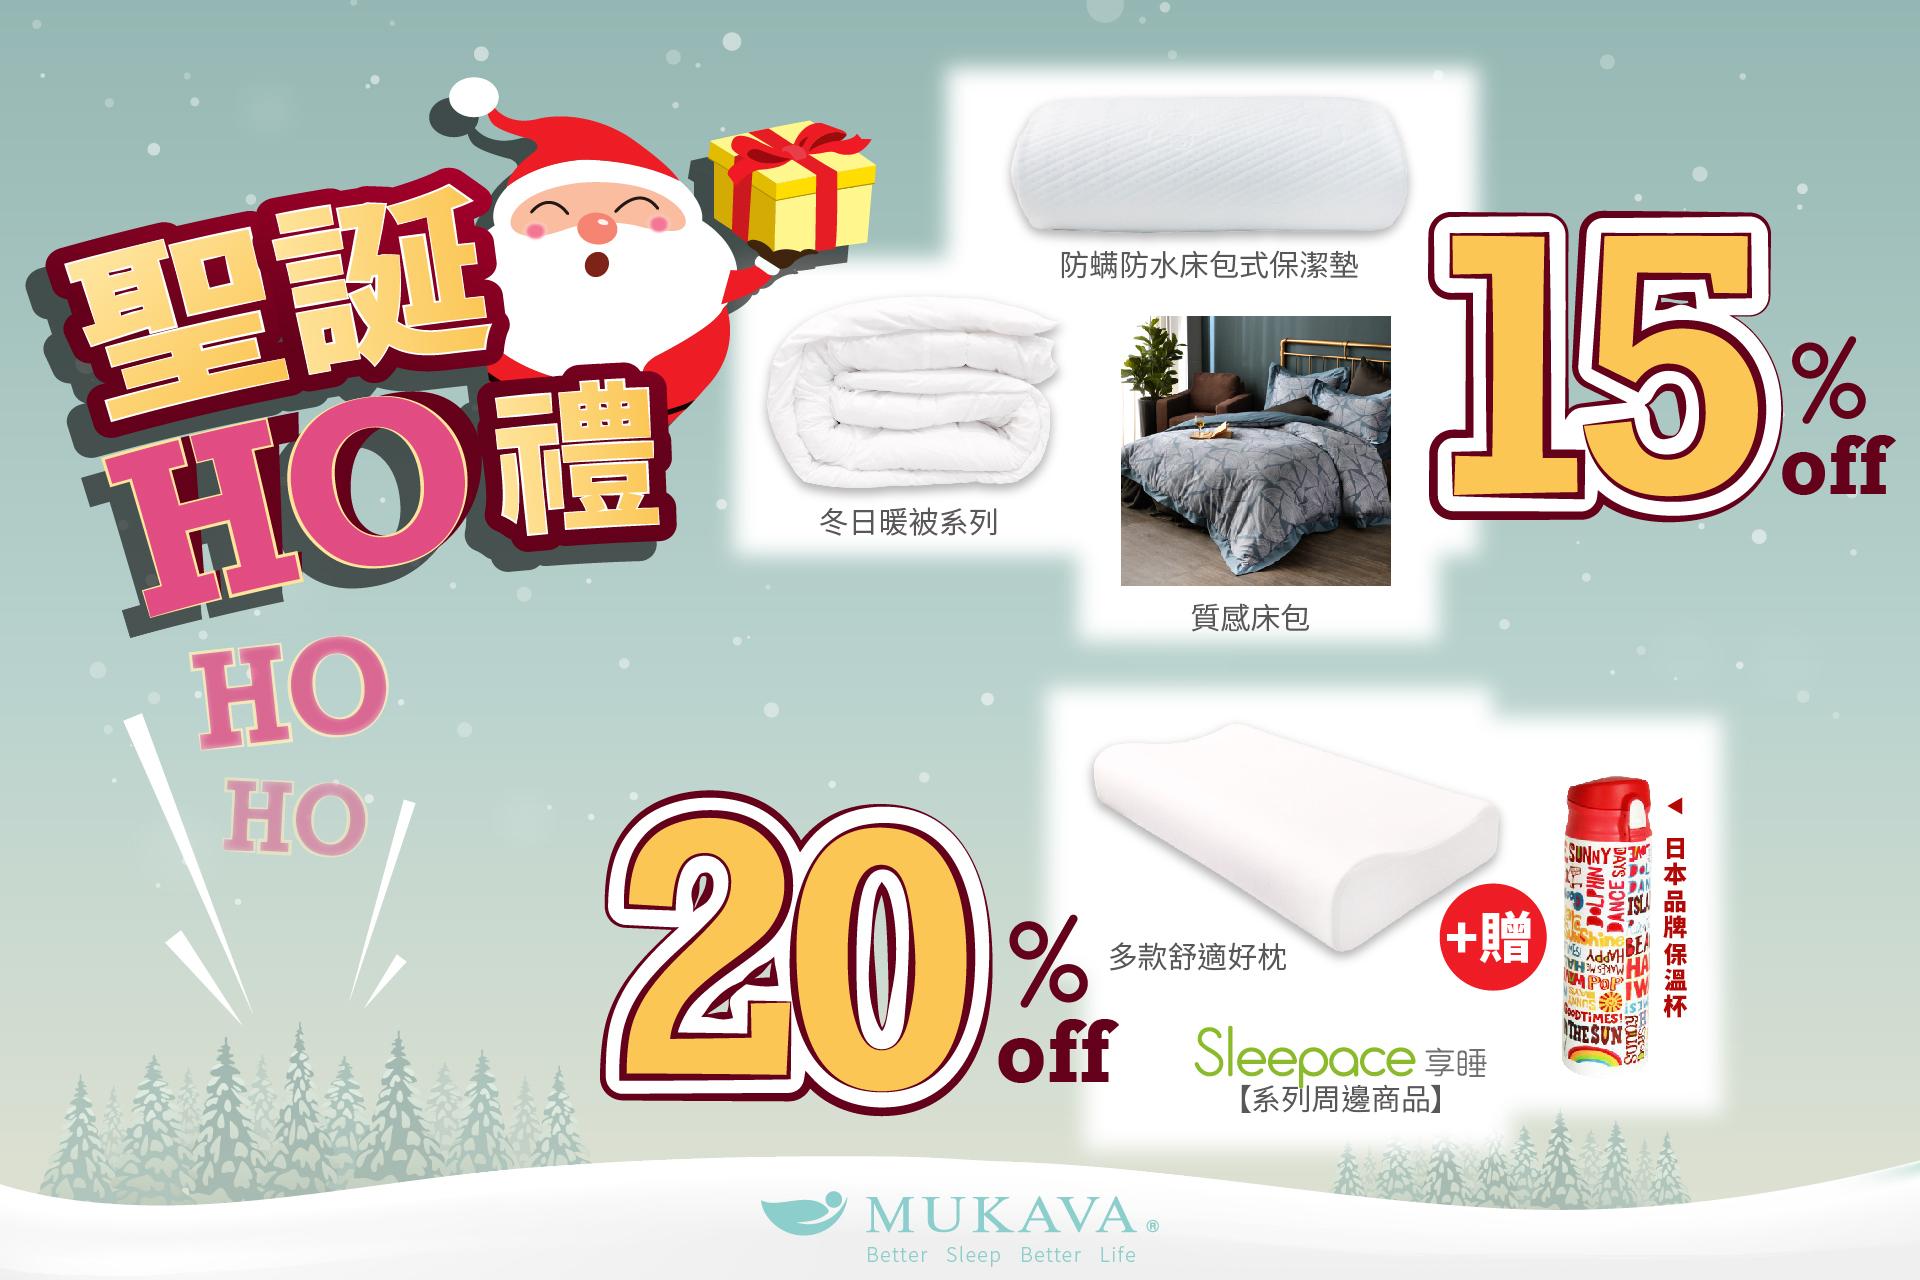 2019-聖誕節折扣活動-MUKAVA